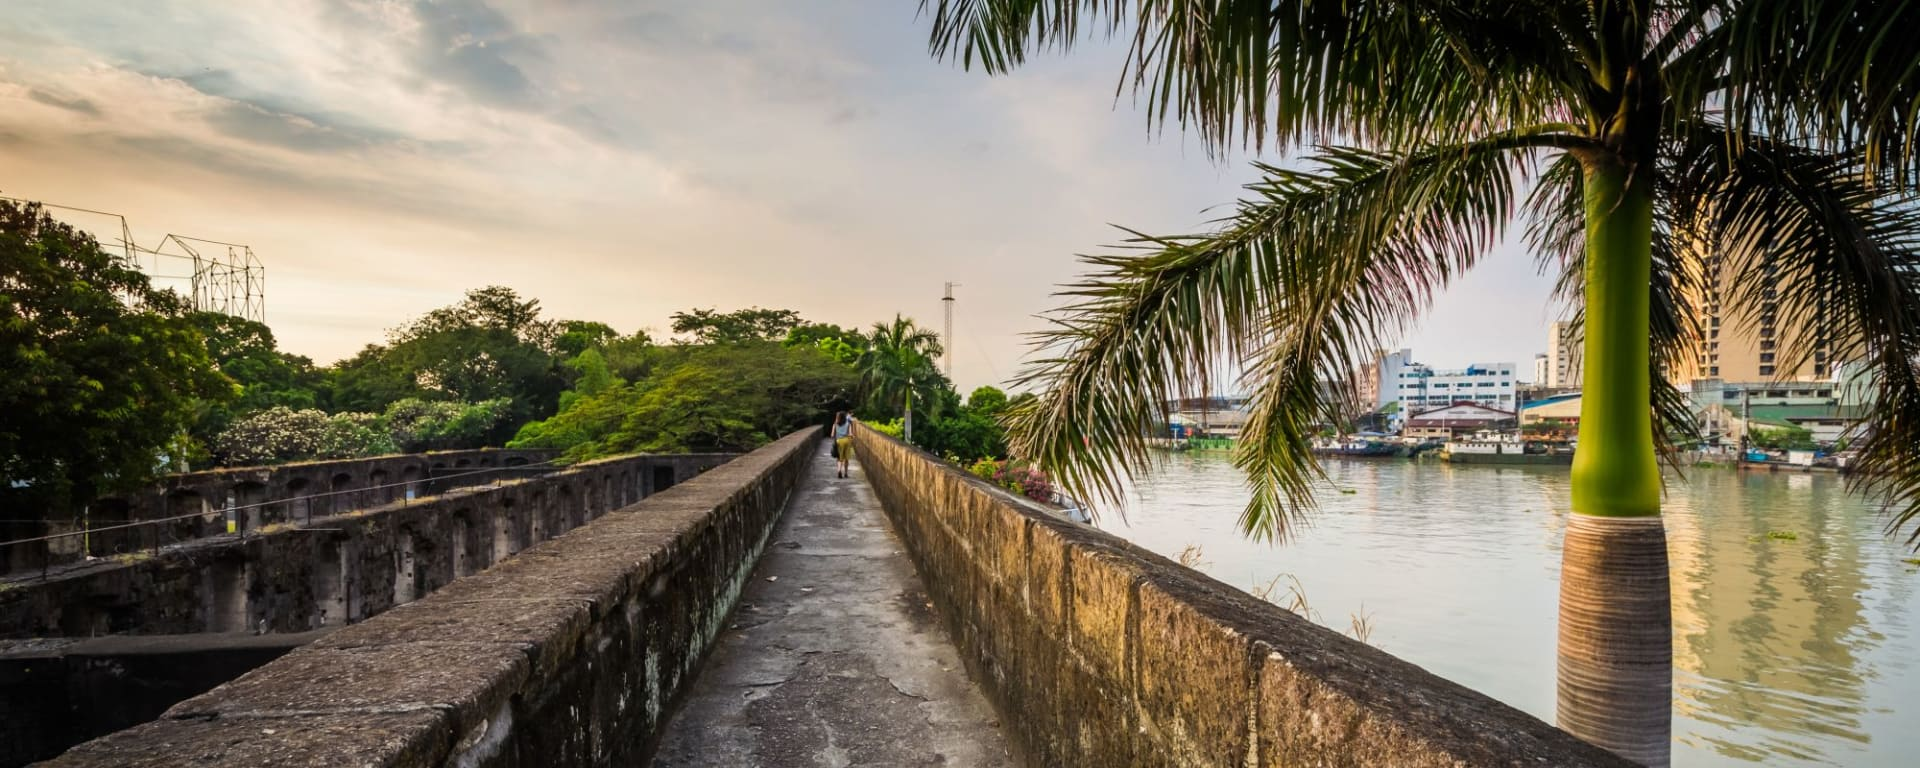 Das unbekannte Manila erfahren: Manila Pasig River at Fort Santiago Intramuros